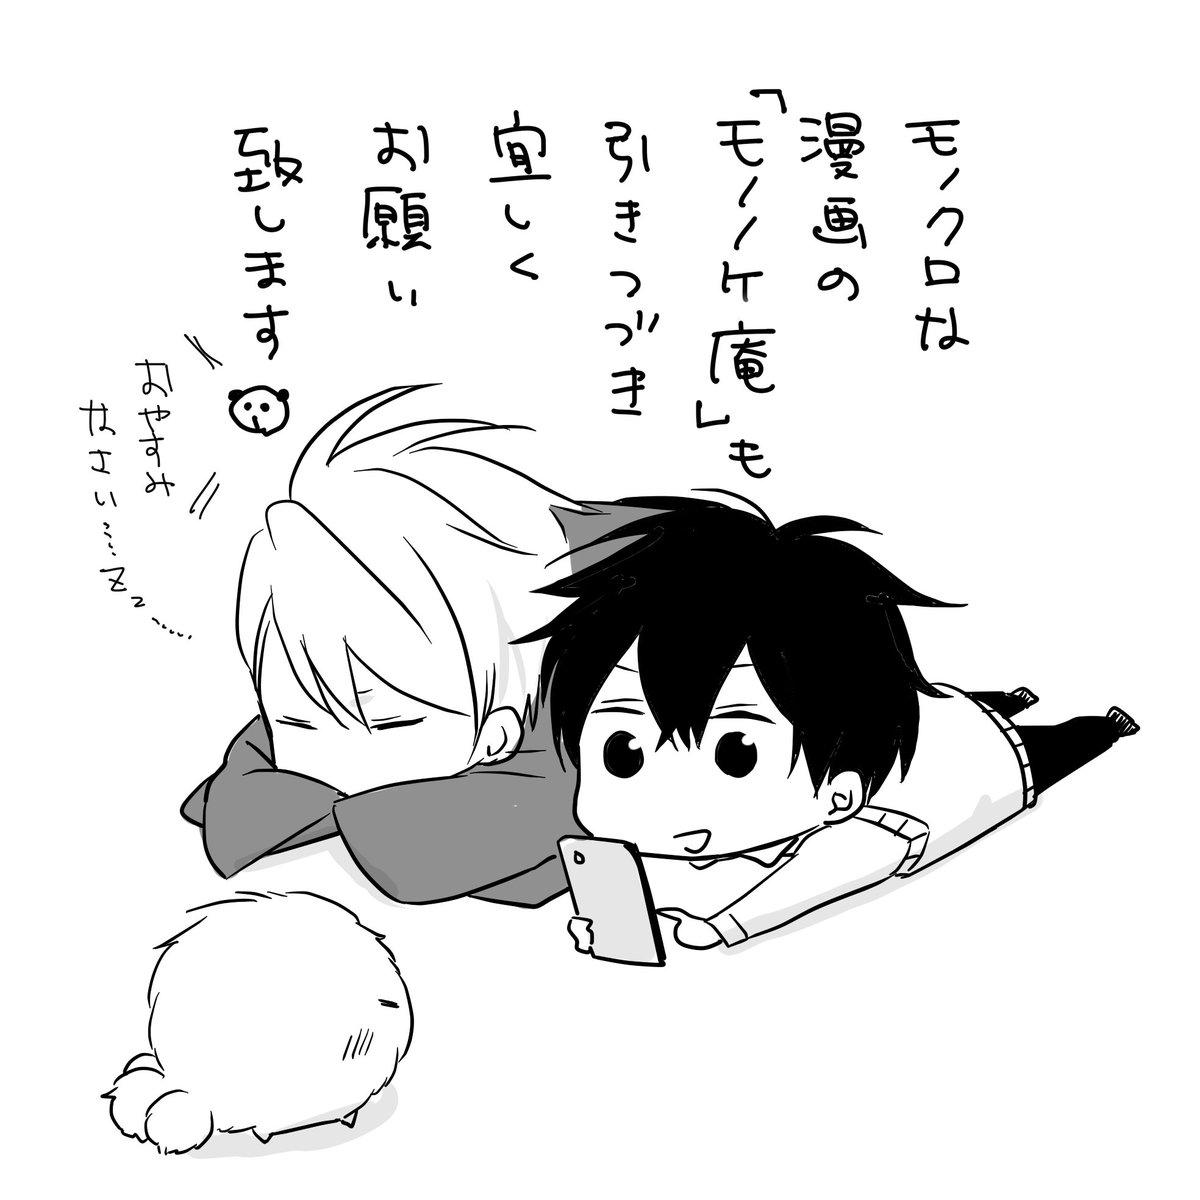 【原作】「不機嫌なモノノケ庵」の原作は、まだまだ続きますよ!引き続き応援よろしくお願いします!(TVアニメのBlu-ra